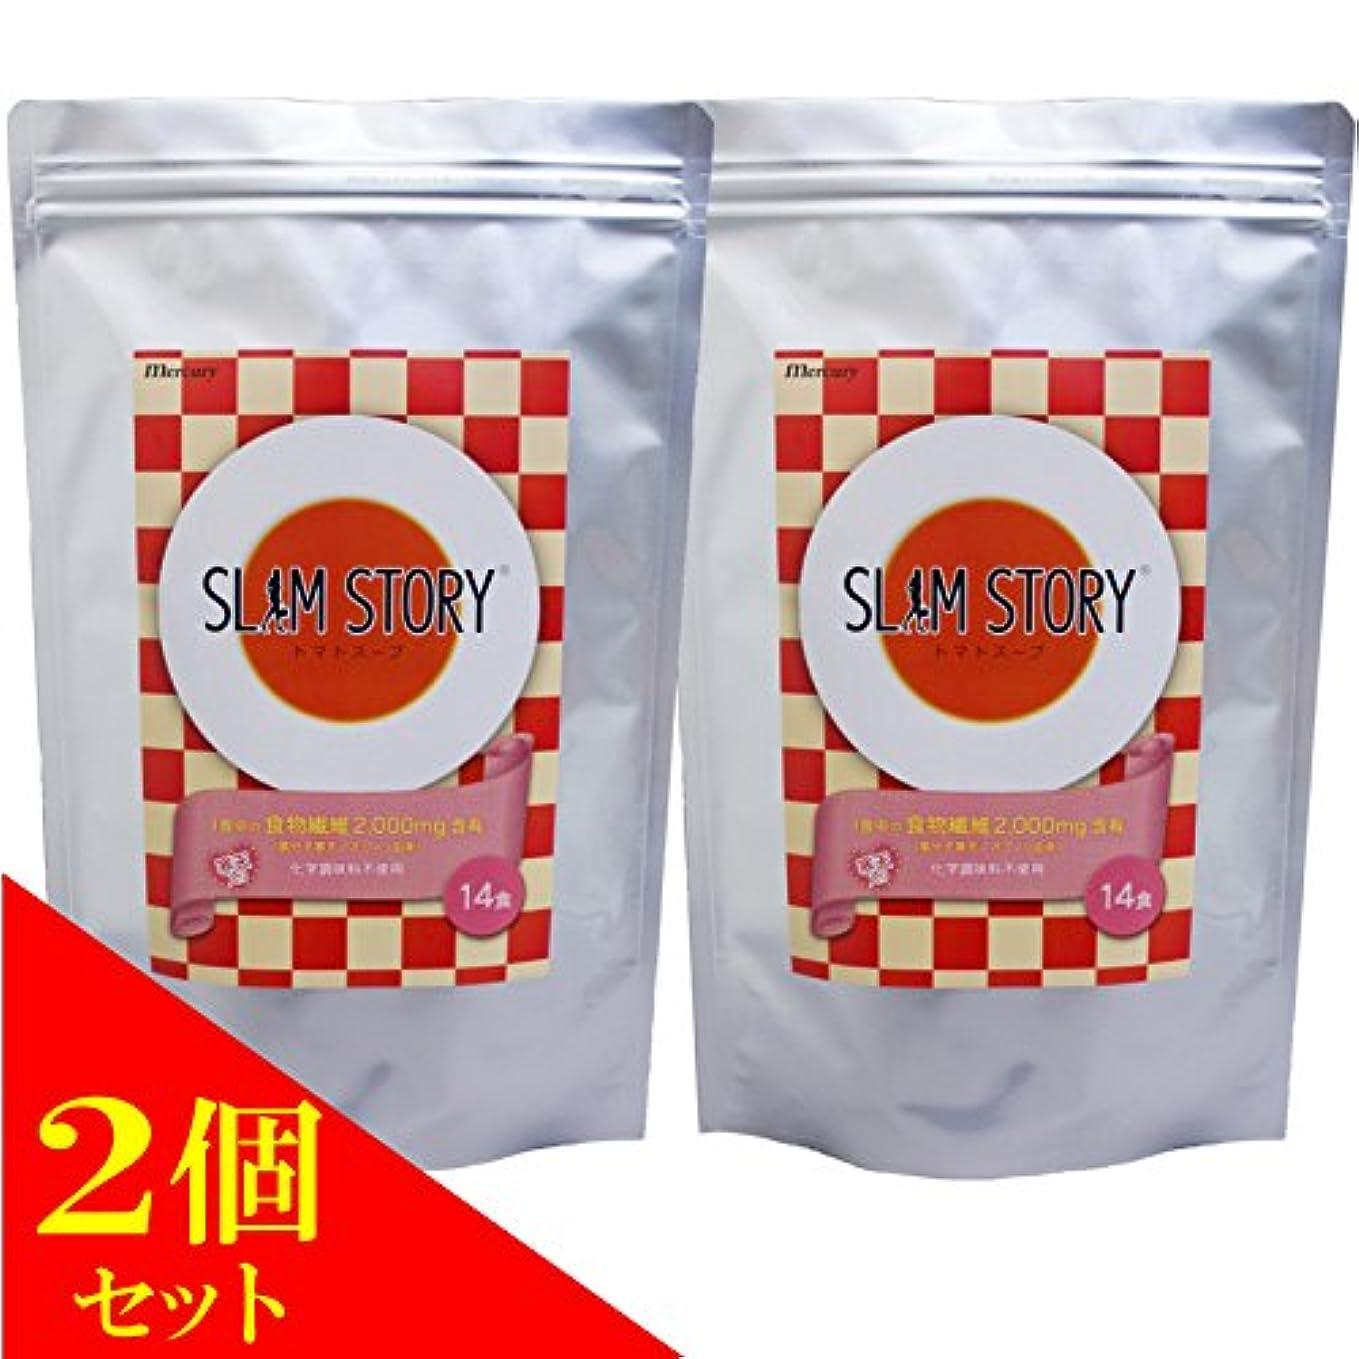 パブ活気づくカバー(2個)マーキュリー SLIM STORY トマトスープ 14食×2袋セット/化学調味料 不使用(4947041155022)